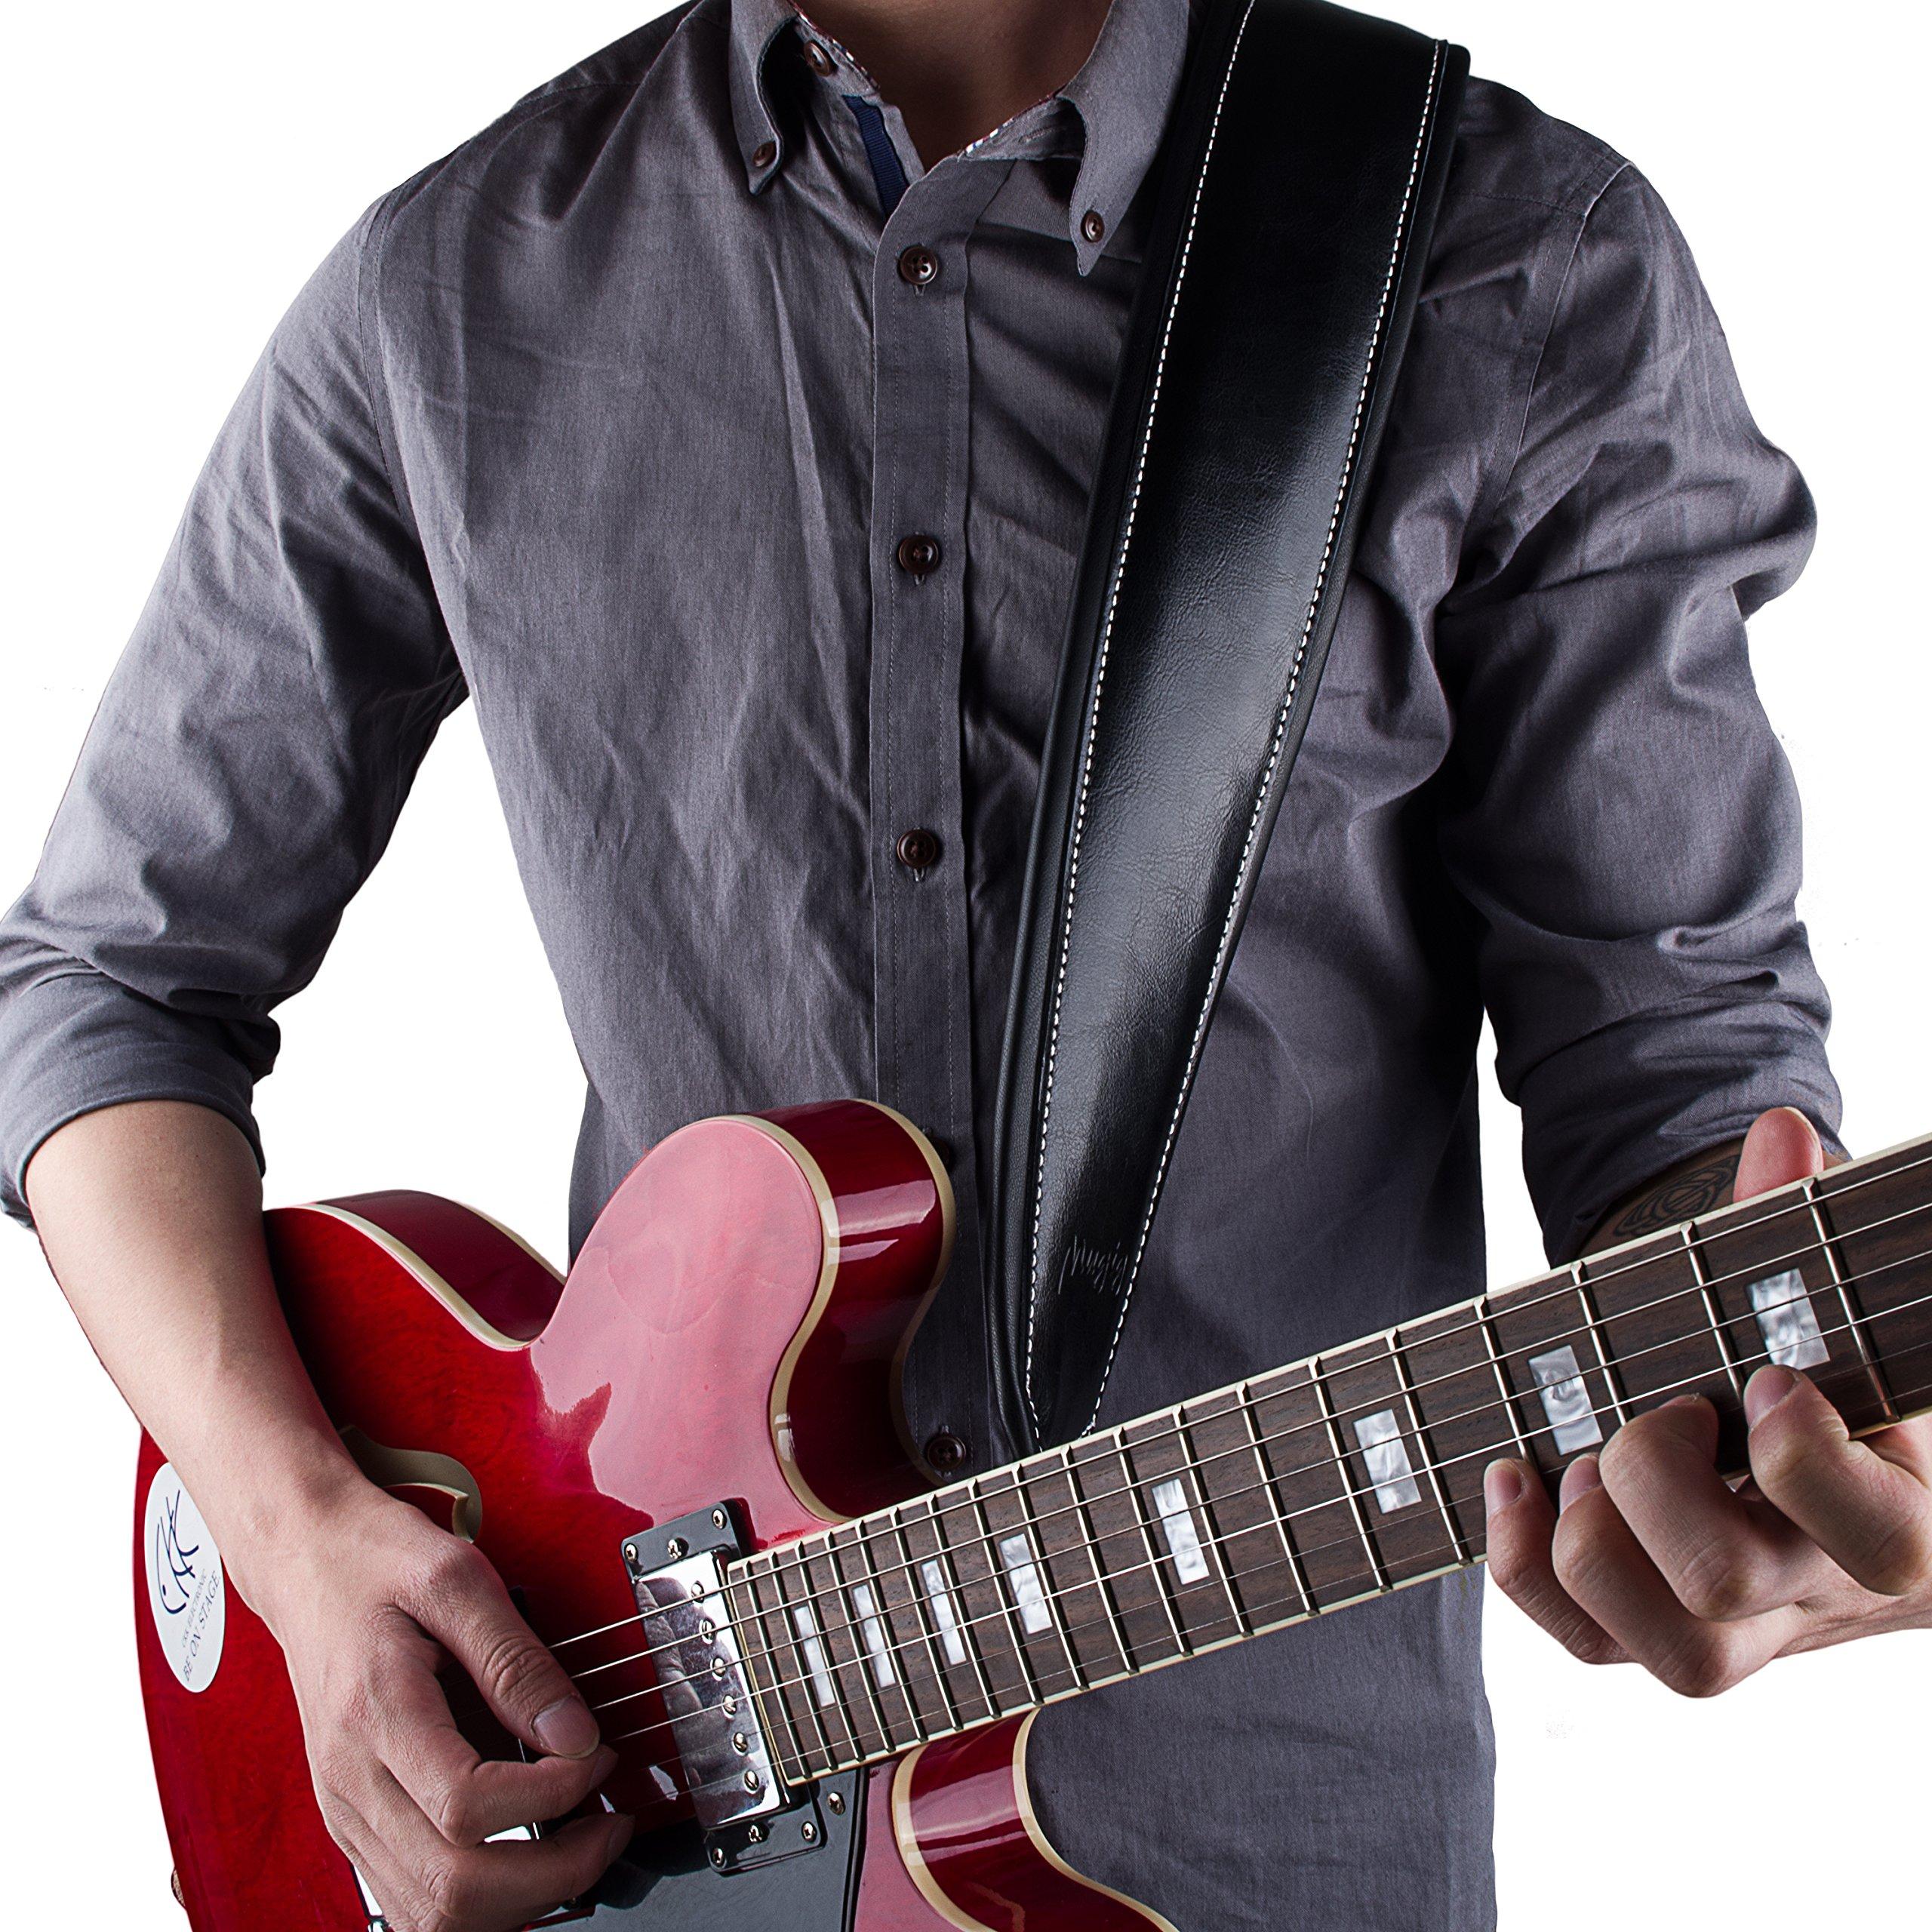 Mugig Correa Guitarra ajustable con 100 por cien de pien hecho de cuero real,se adapta perfecto al cuerpo y para todos instrumentos.